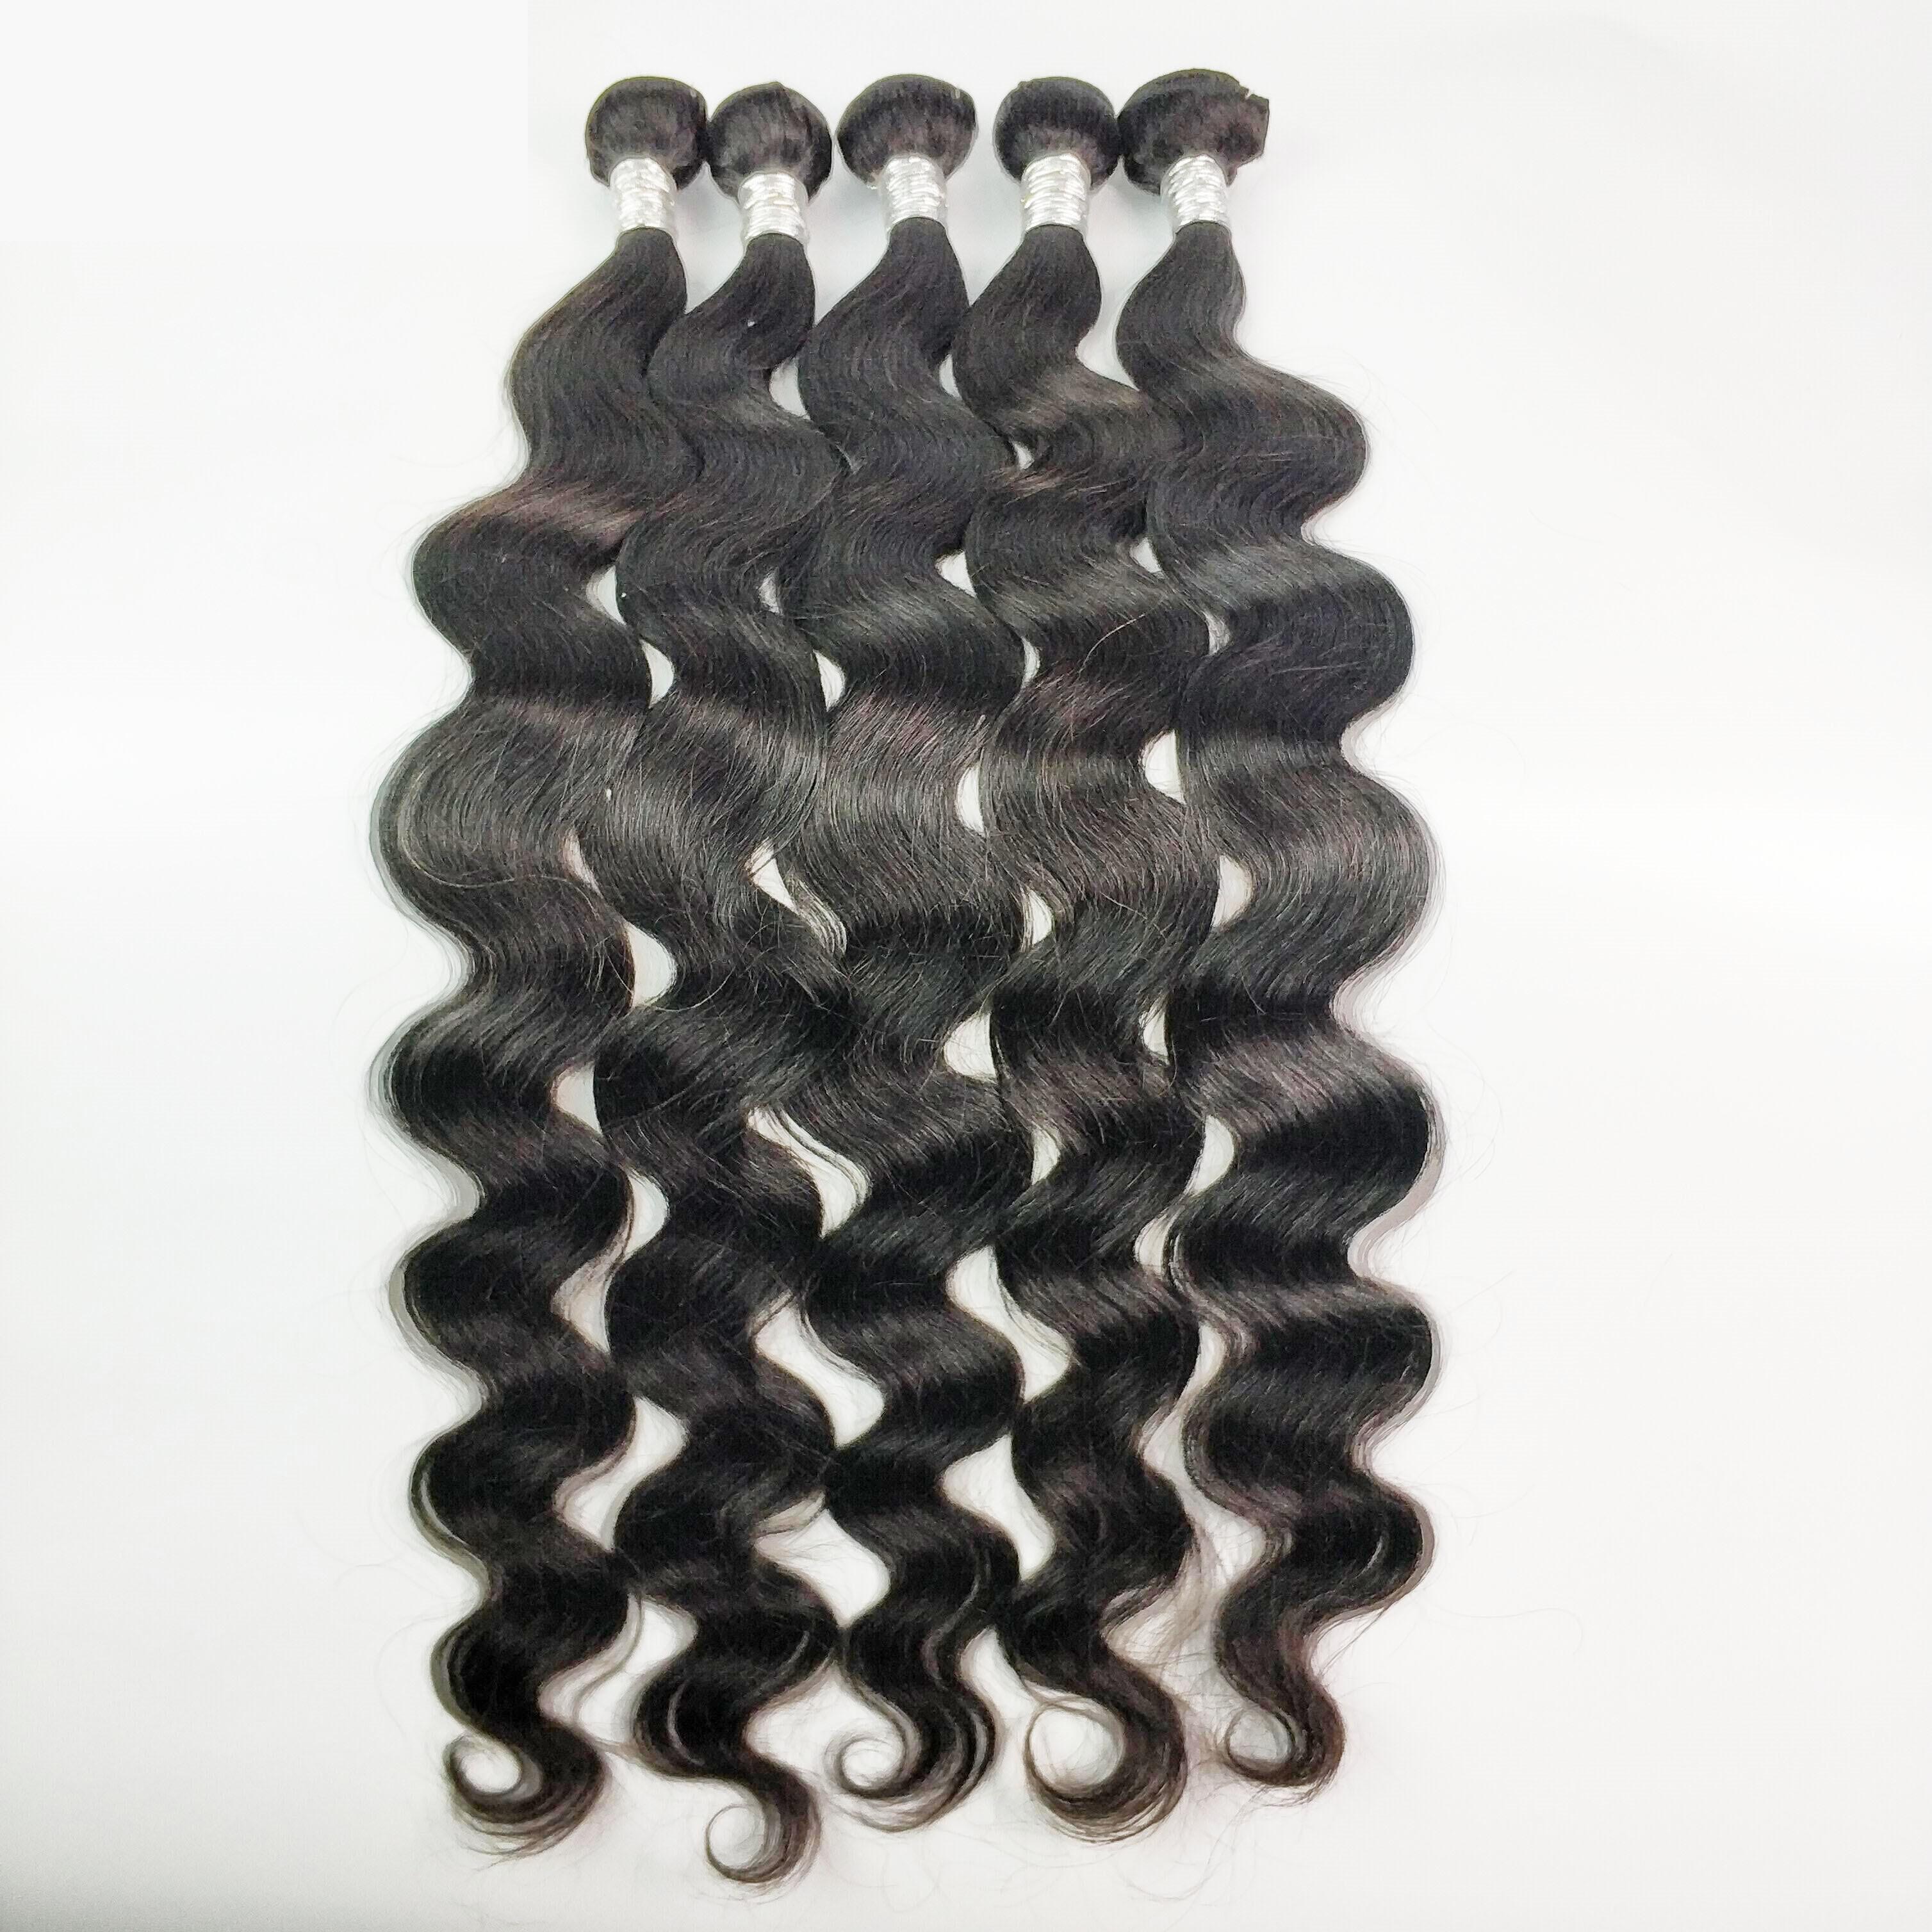 FDX Body Wave Bundles 30 32 34 36 38 40 Inch Bundles 100% Human Hair Bundles Top Quality Brazilian Hair Weave Bundles Remy Hair 2